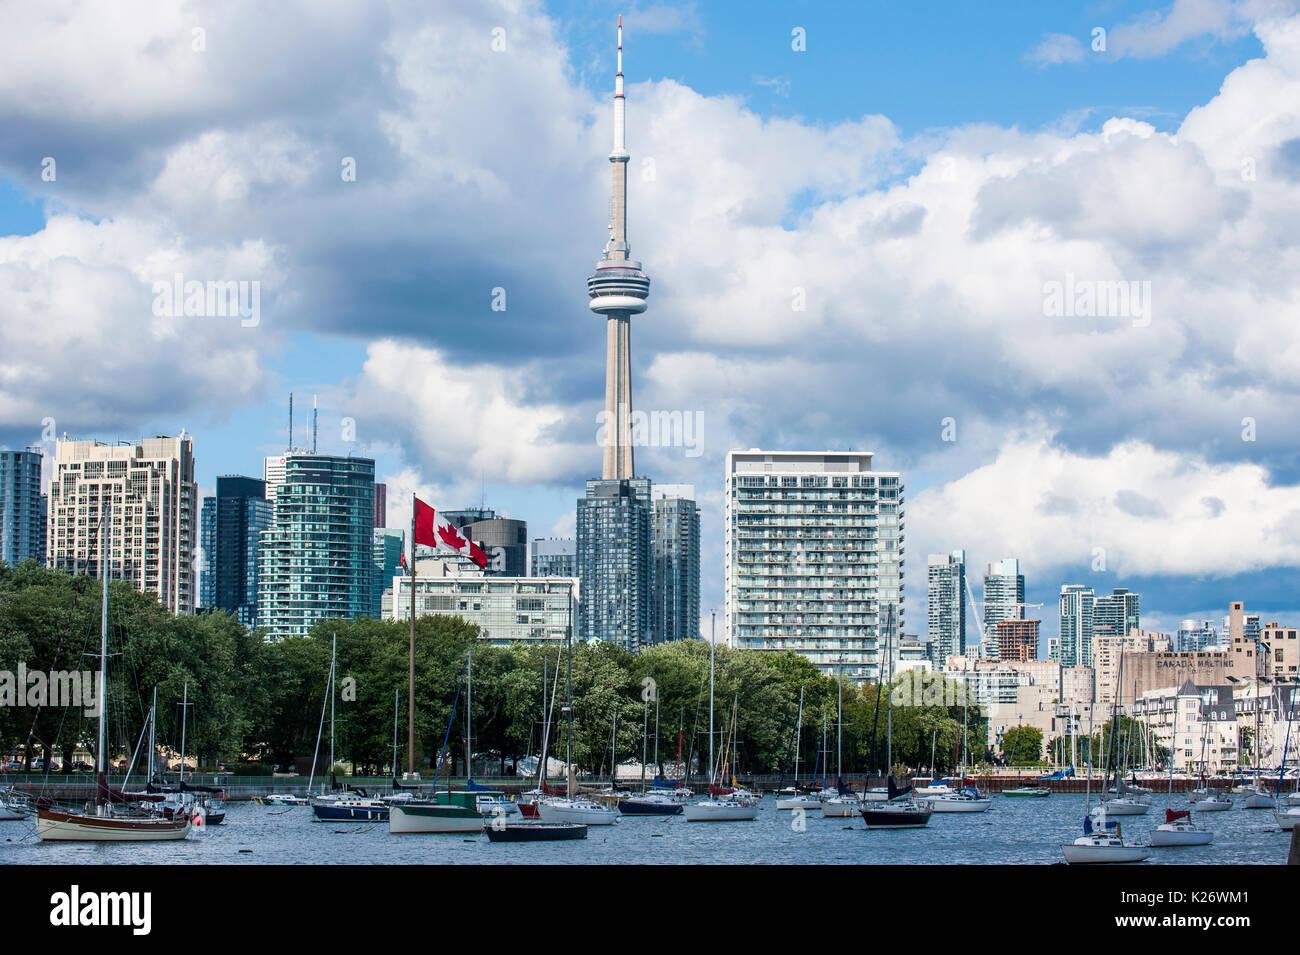 Skyline, Toronto, Ontario, Canada - Stock Image